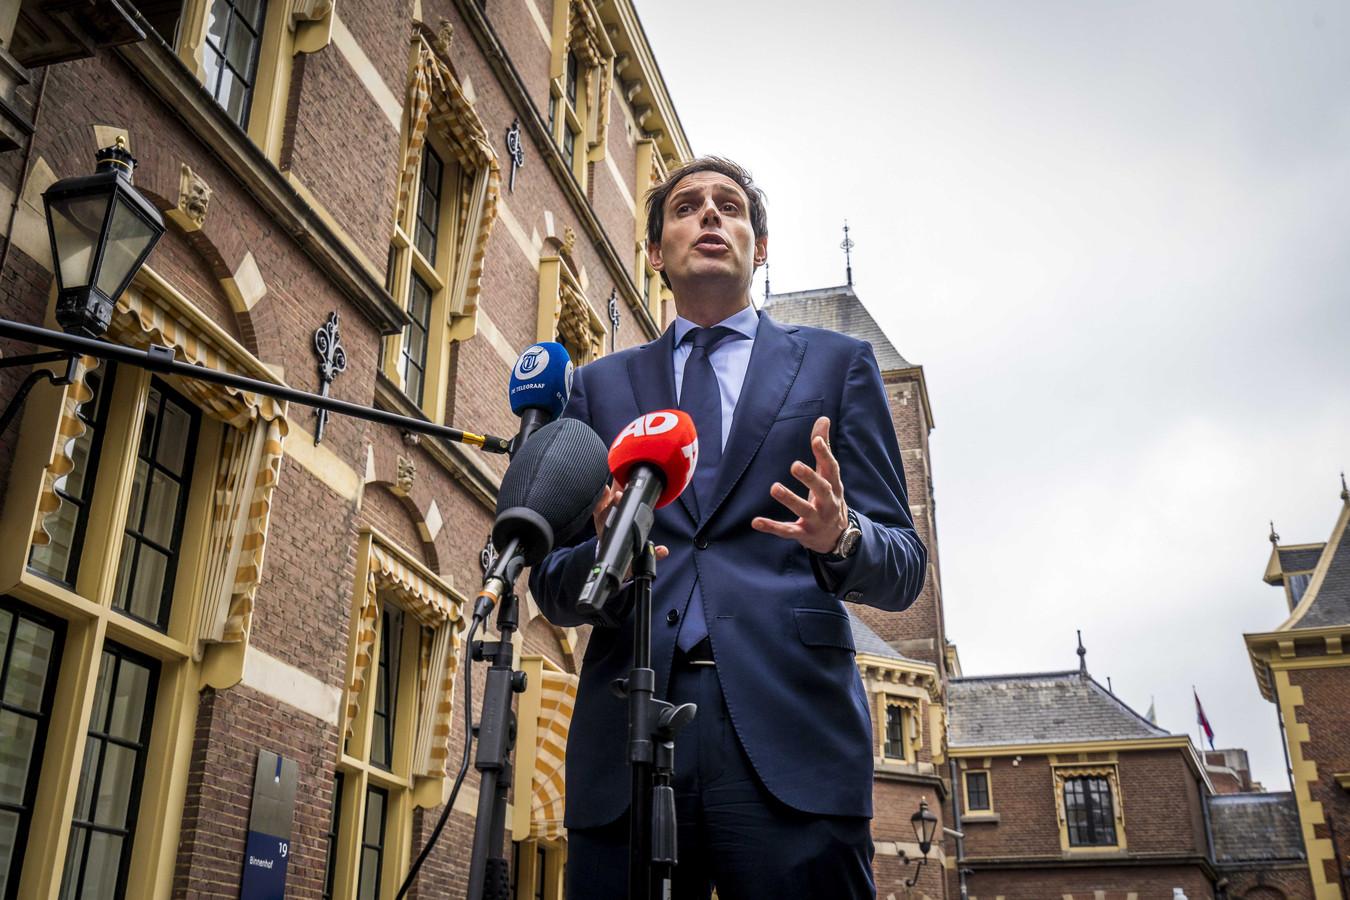 CDA-leider en demissionair minister Wopke Hoekstra staat de pers te woord over de onrust in zijn partij.